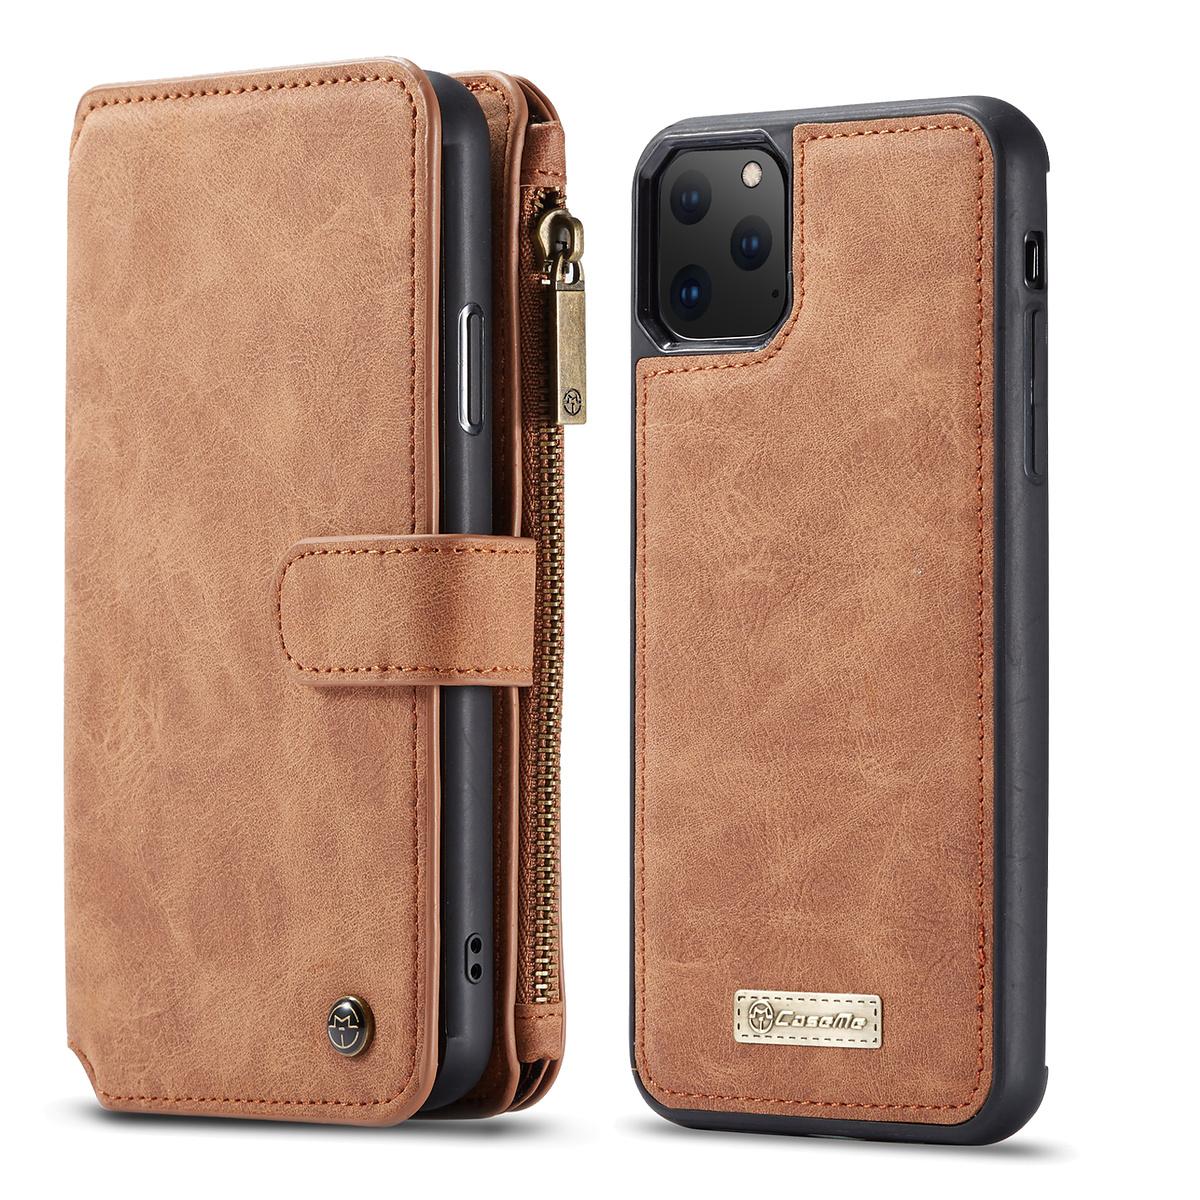 CaseMe plånboksfodral, magnetskal, iPhone 11 Pro Max, brun